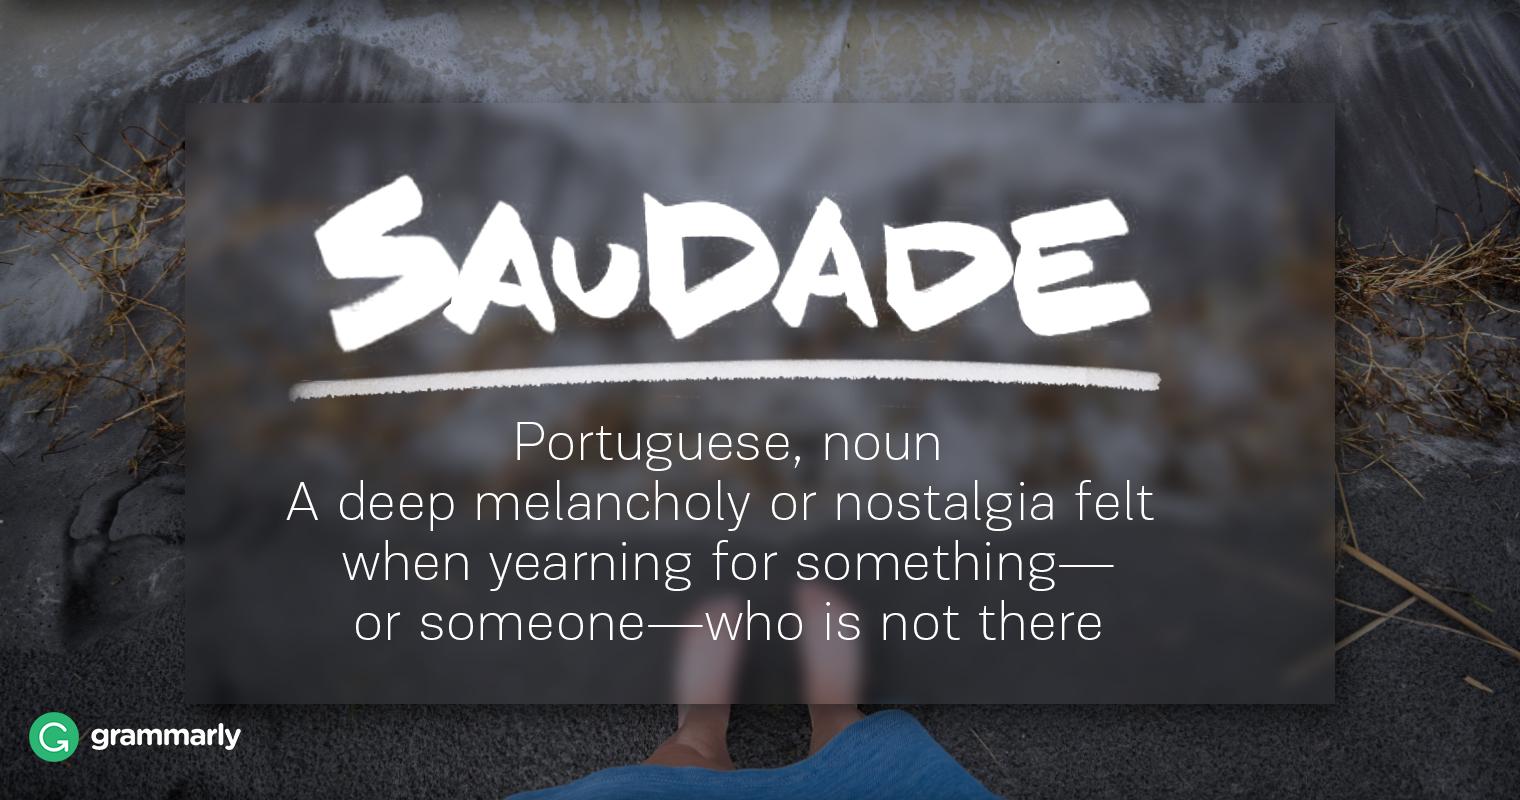 Saudade Definition